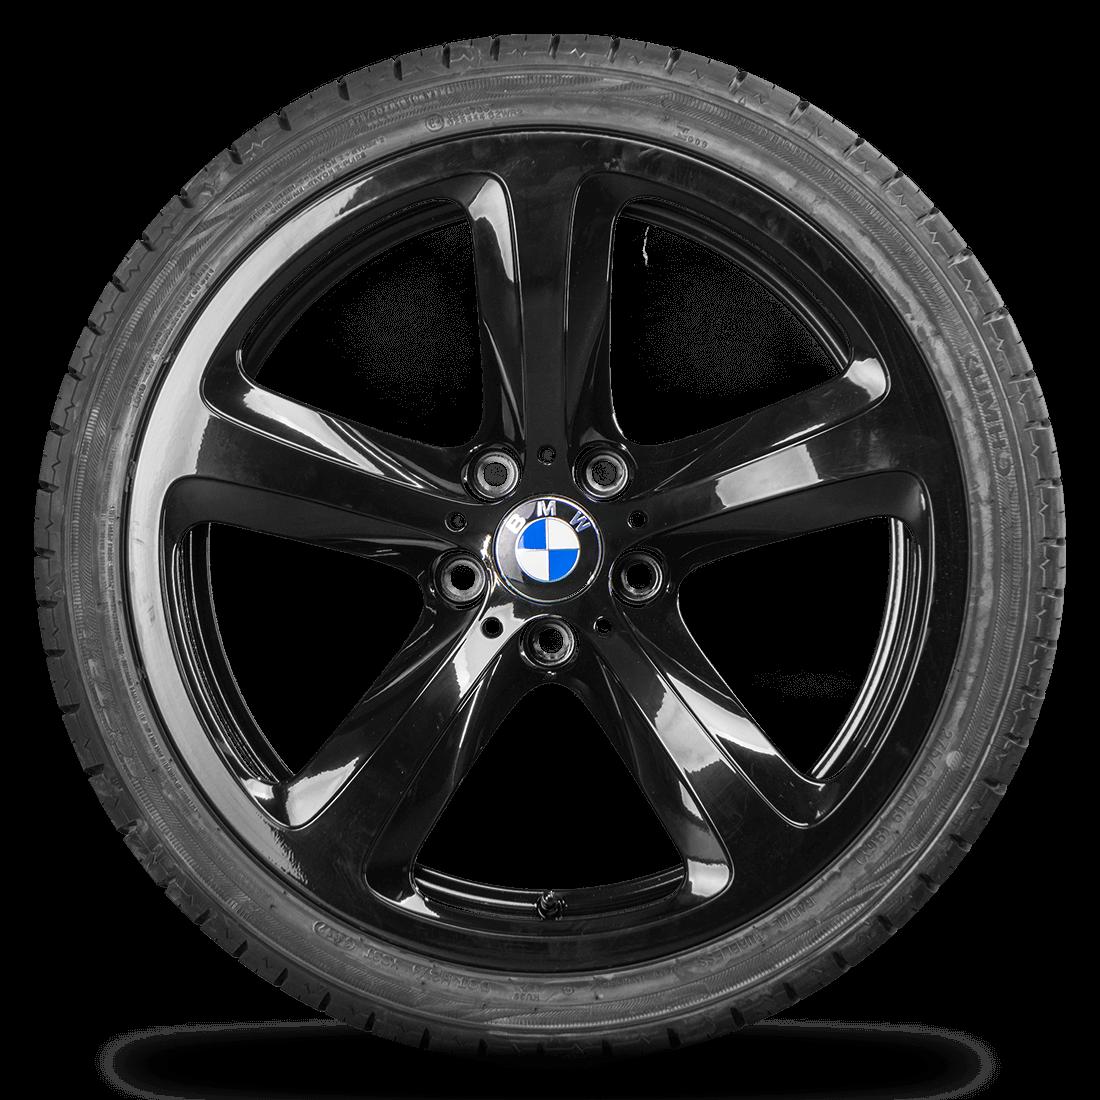 BMW M5 5er E60 E61 19 Zoll Alufelgen Felgen Sommerreifen 6777353 Styling 249